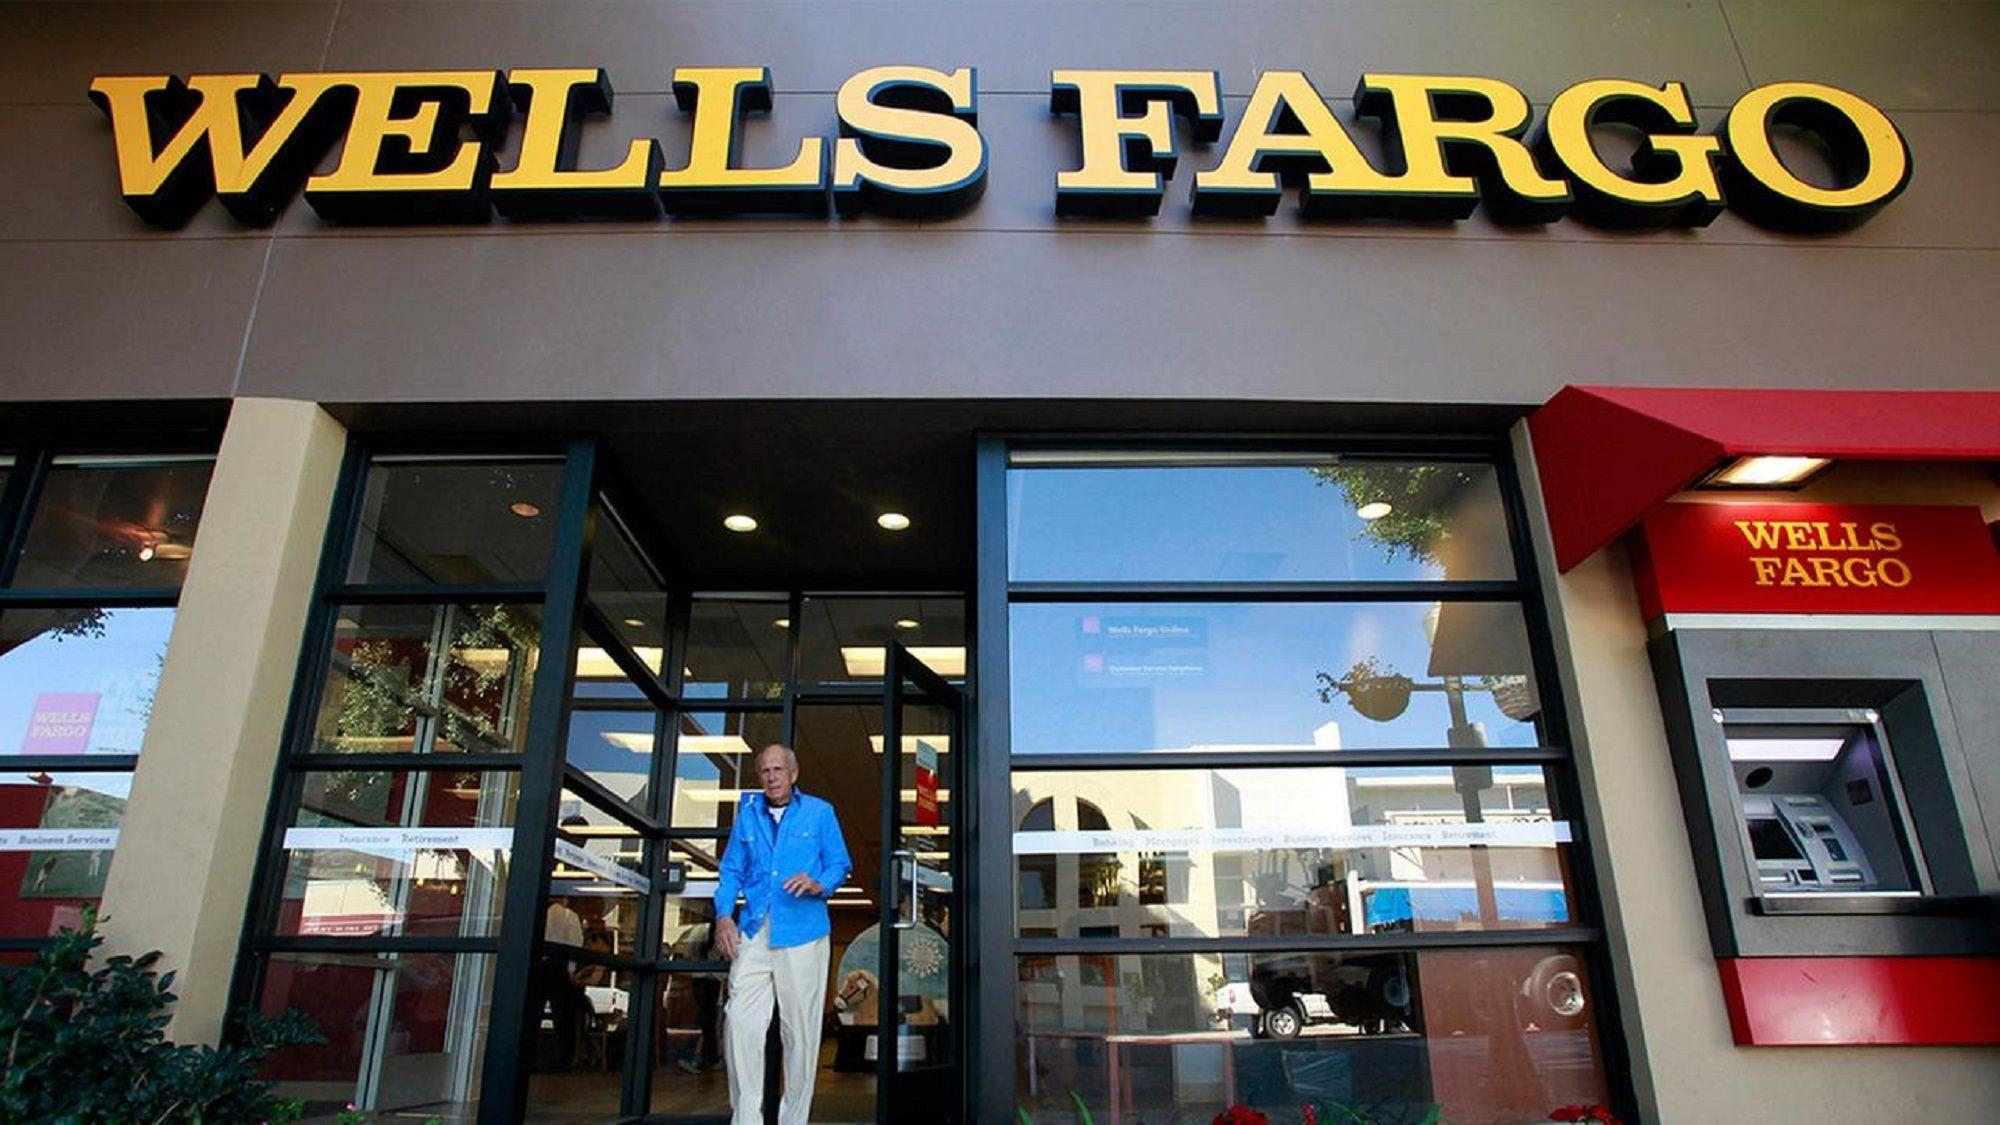 Wells Fargo Bank Settlement Free Check From Wells Fargo Bank